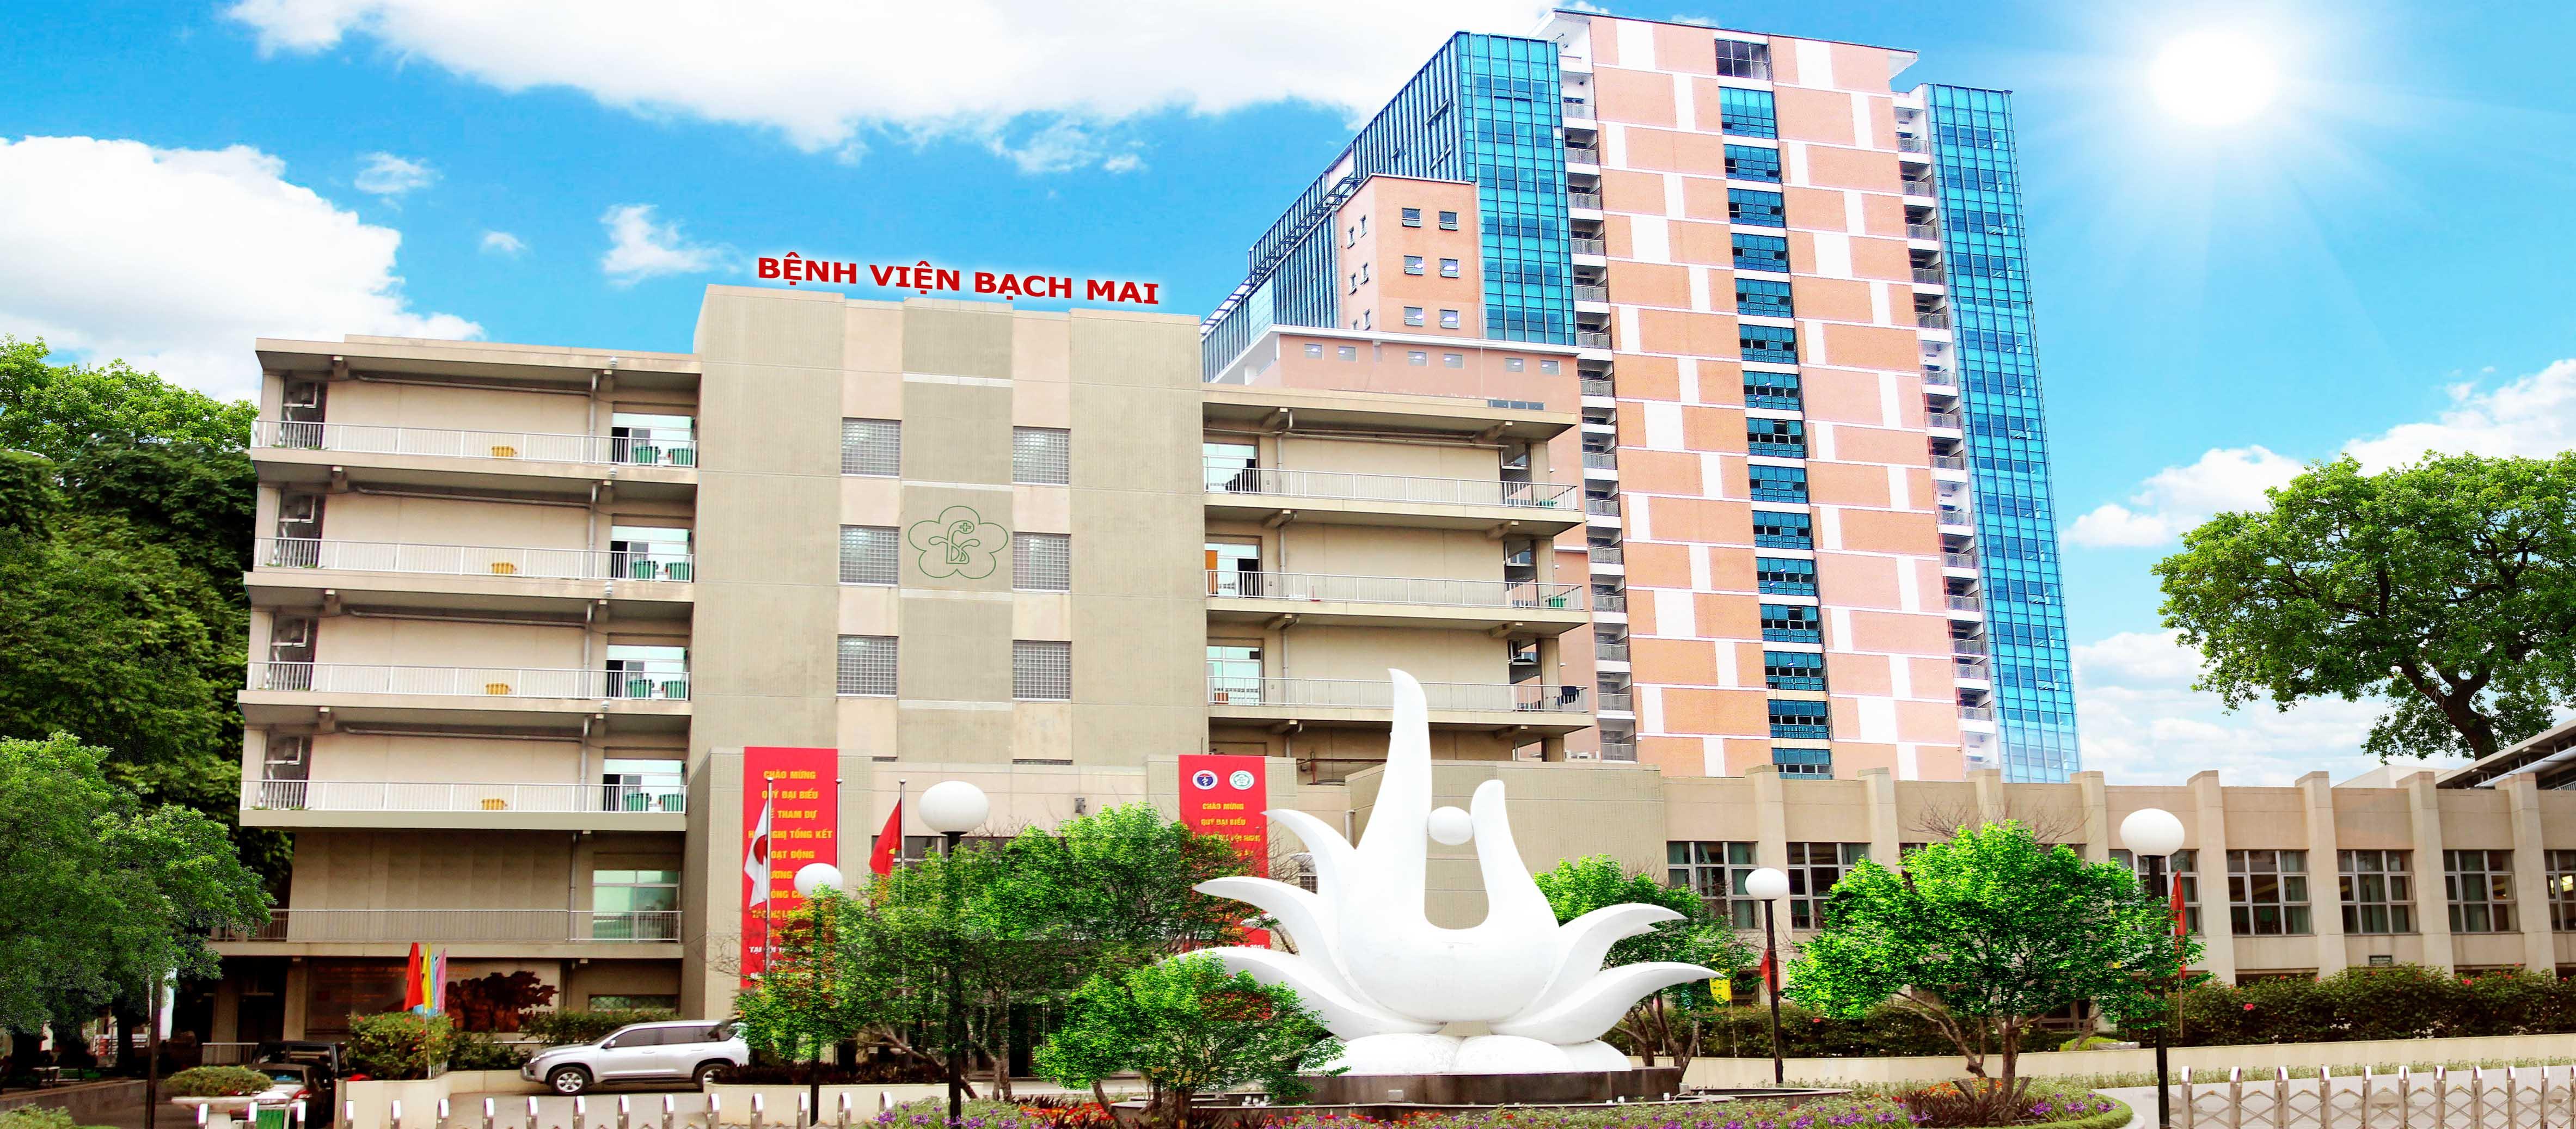 Thăm khám & điều trị tại bệnh viện Bạch Mai thời điểm dịch Covid-19 cầ